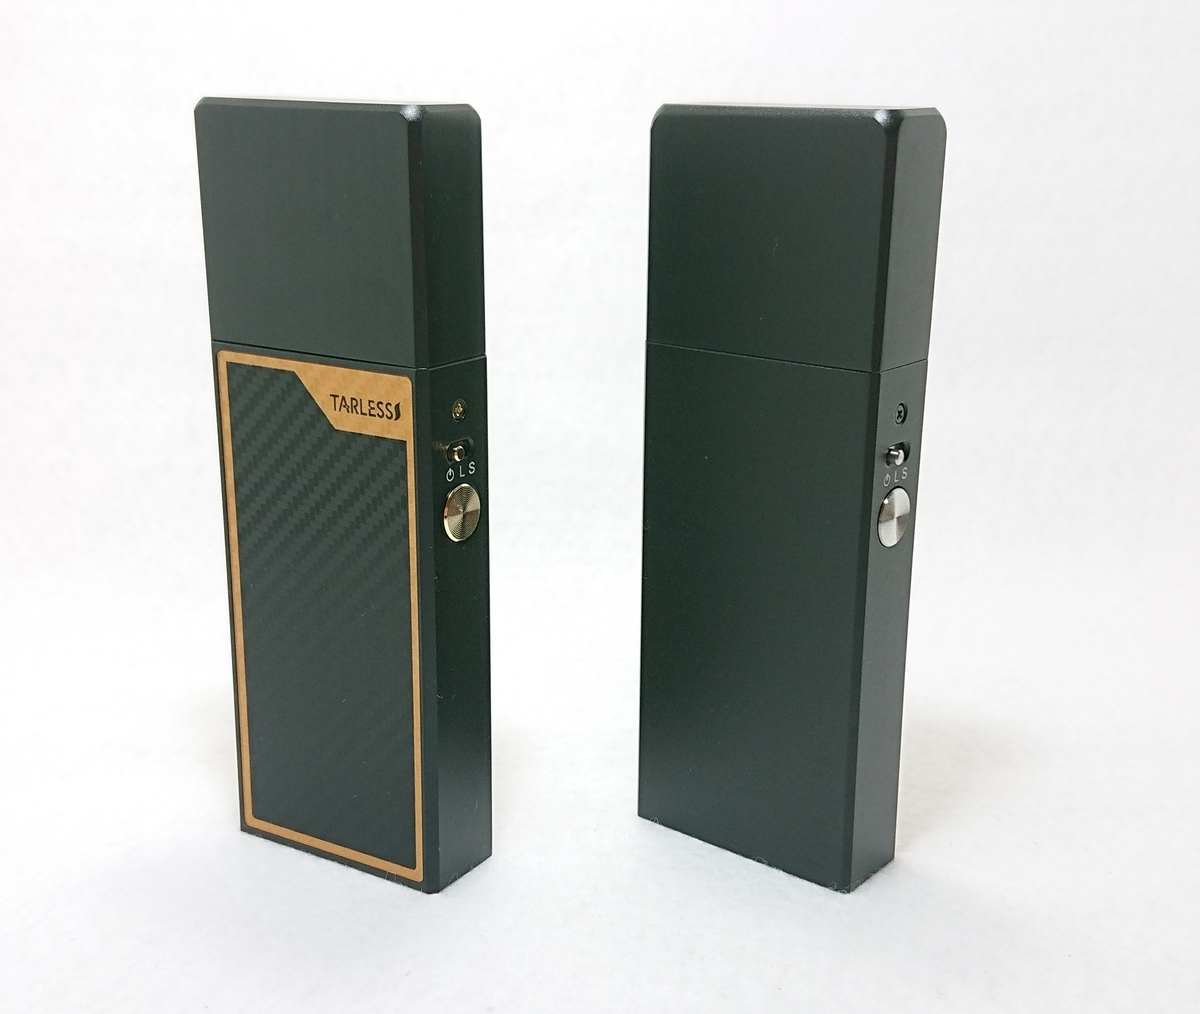 20191207154445 - TARLESS PLUS(ターレスプラス)にHORICK TVモデルのカーボンファイバー調パネル2種類が登場!